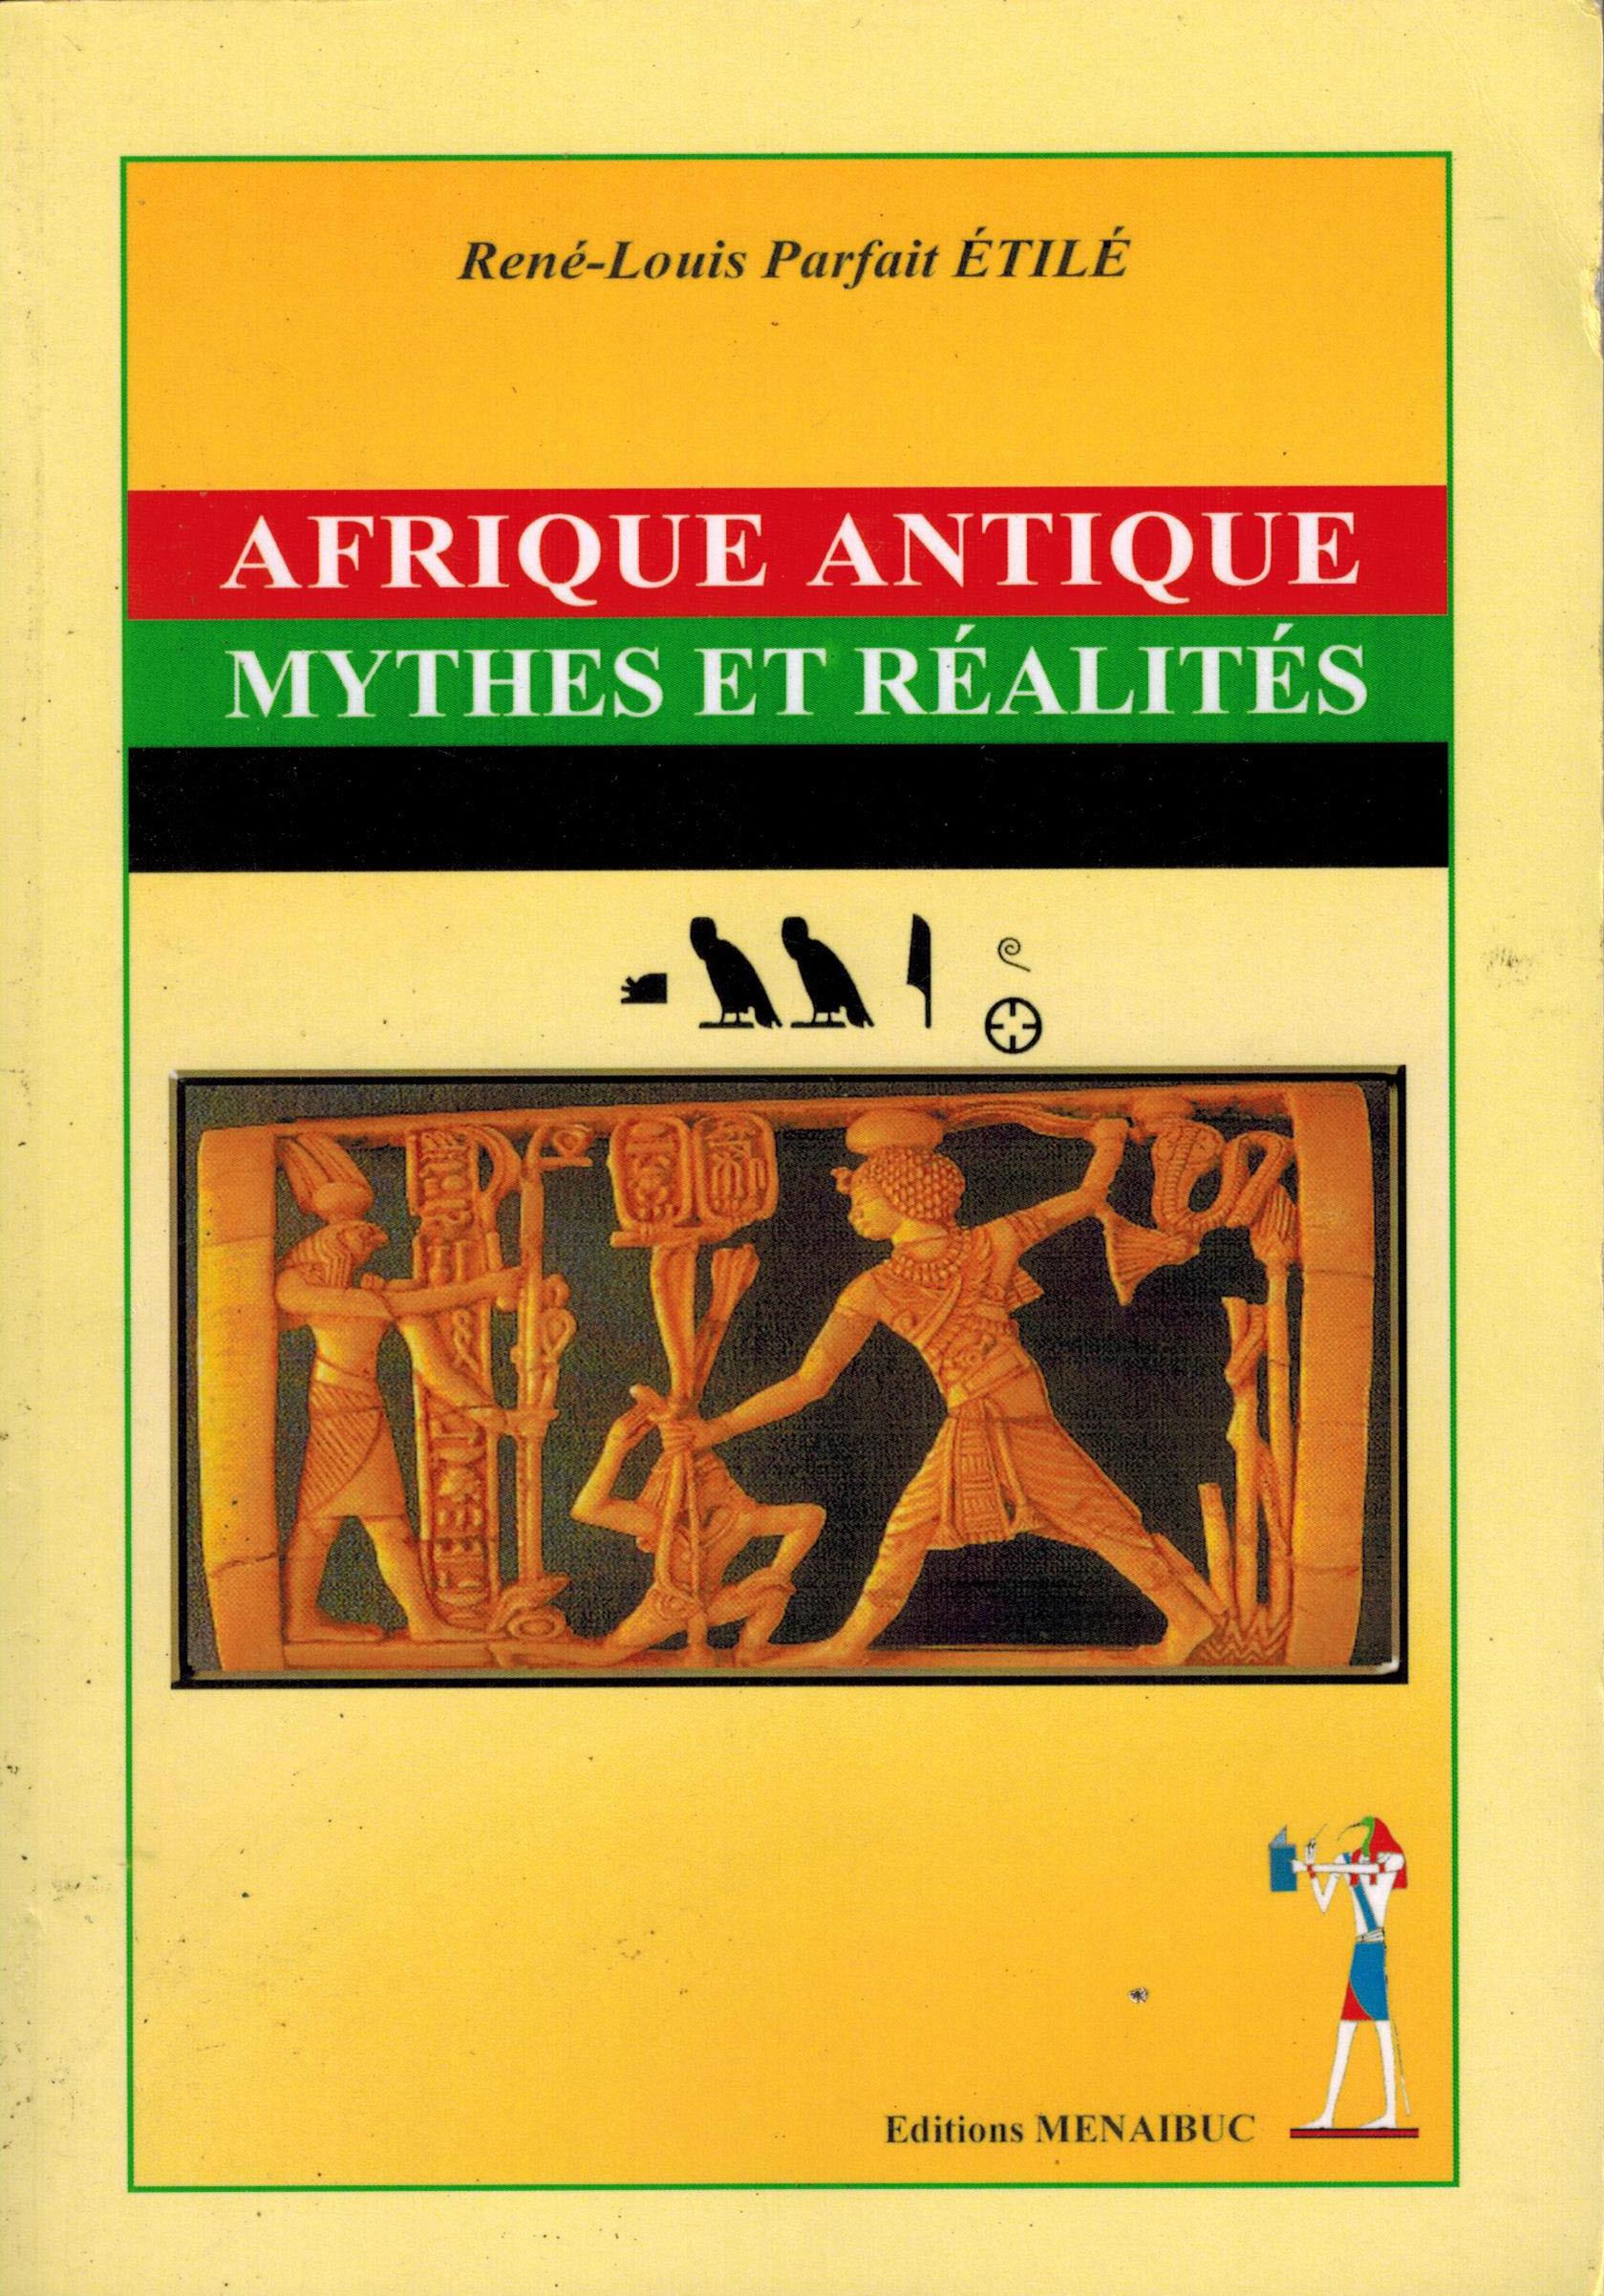 AFRIQUE ANTIQUE : MYTHES ET REALITES